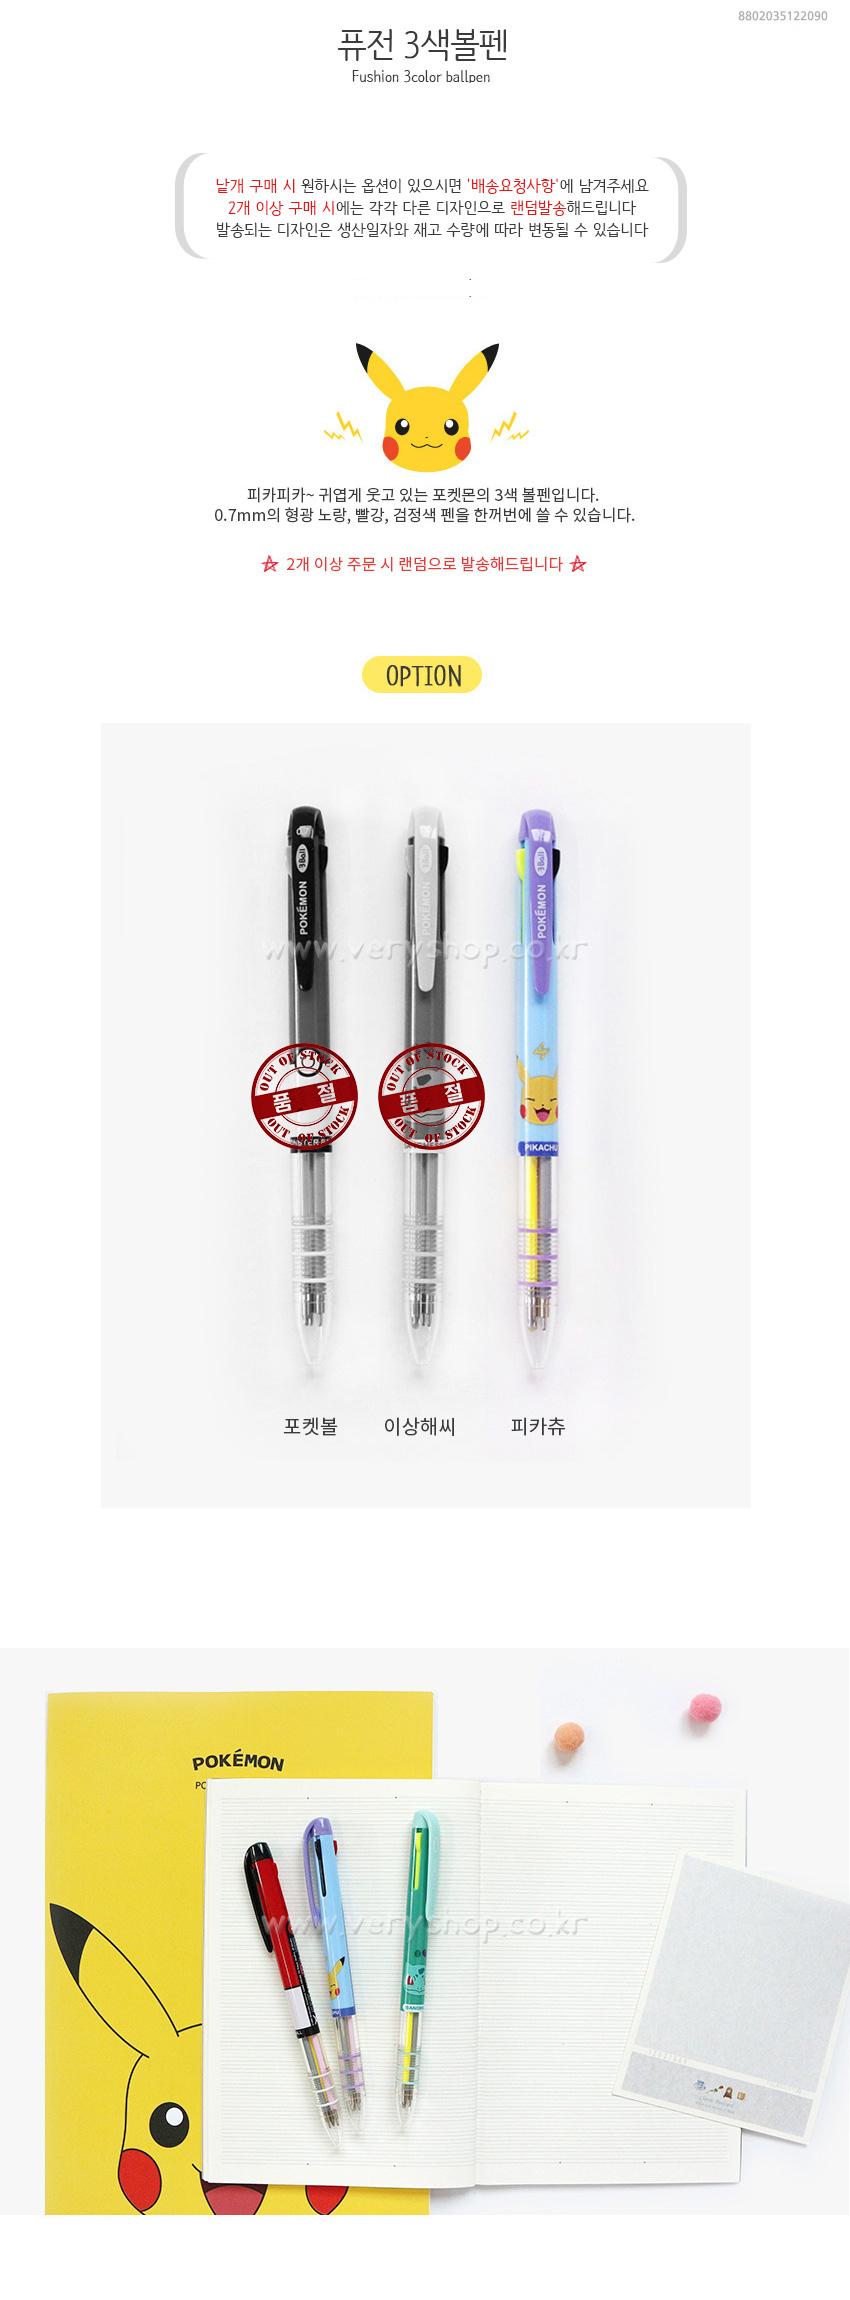 포켓몬 퓨전 3색 볼펜 (랜덤발송) - 베리샵, 2,500원, 볼펜, 캐릭터 볼펜